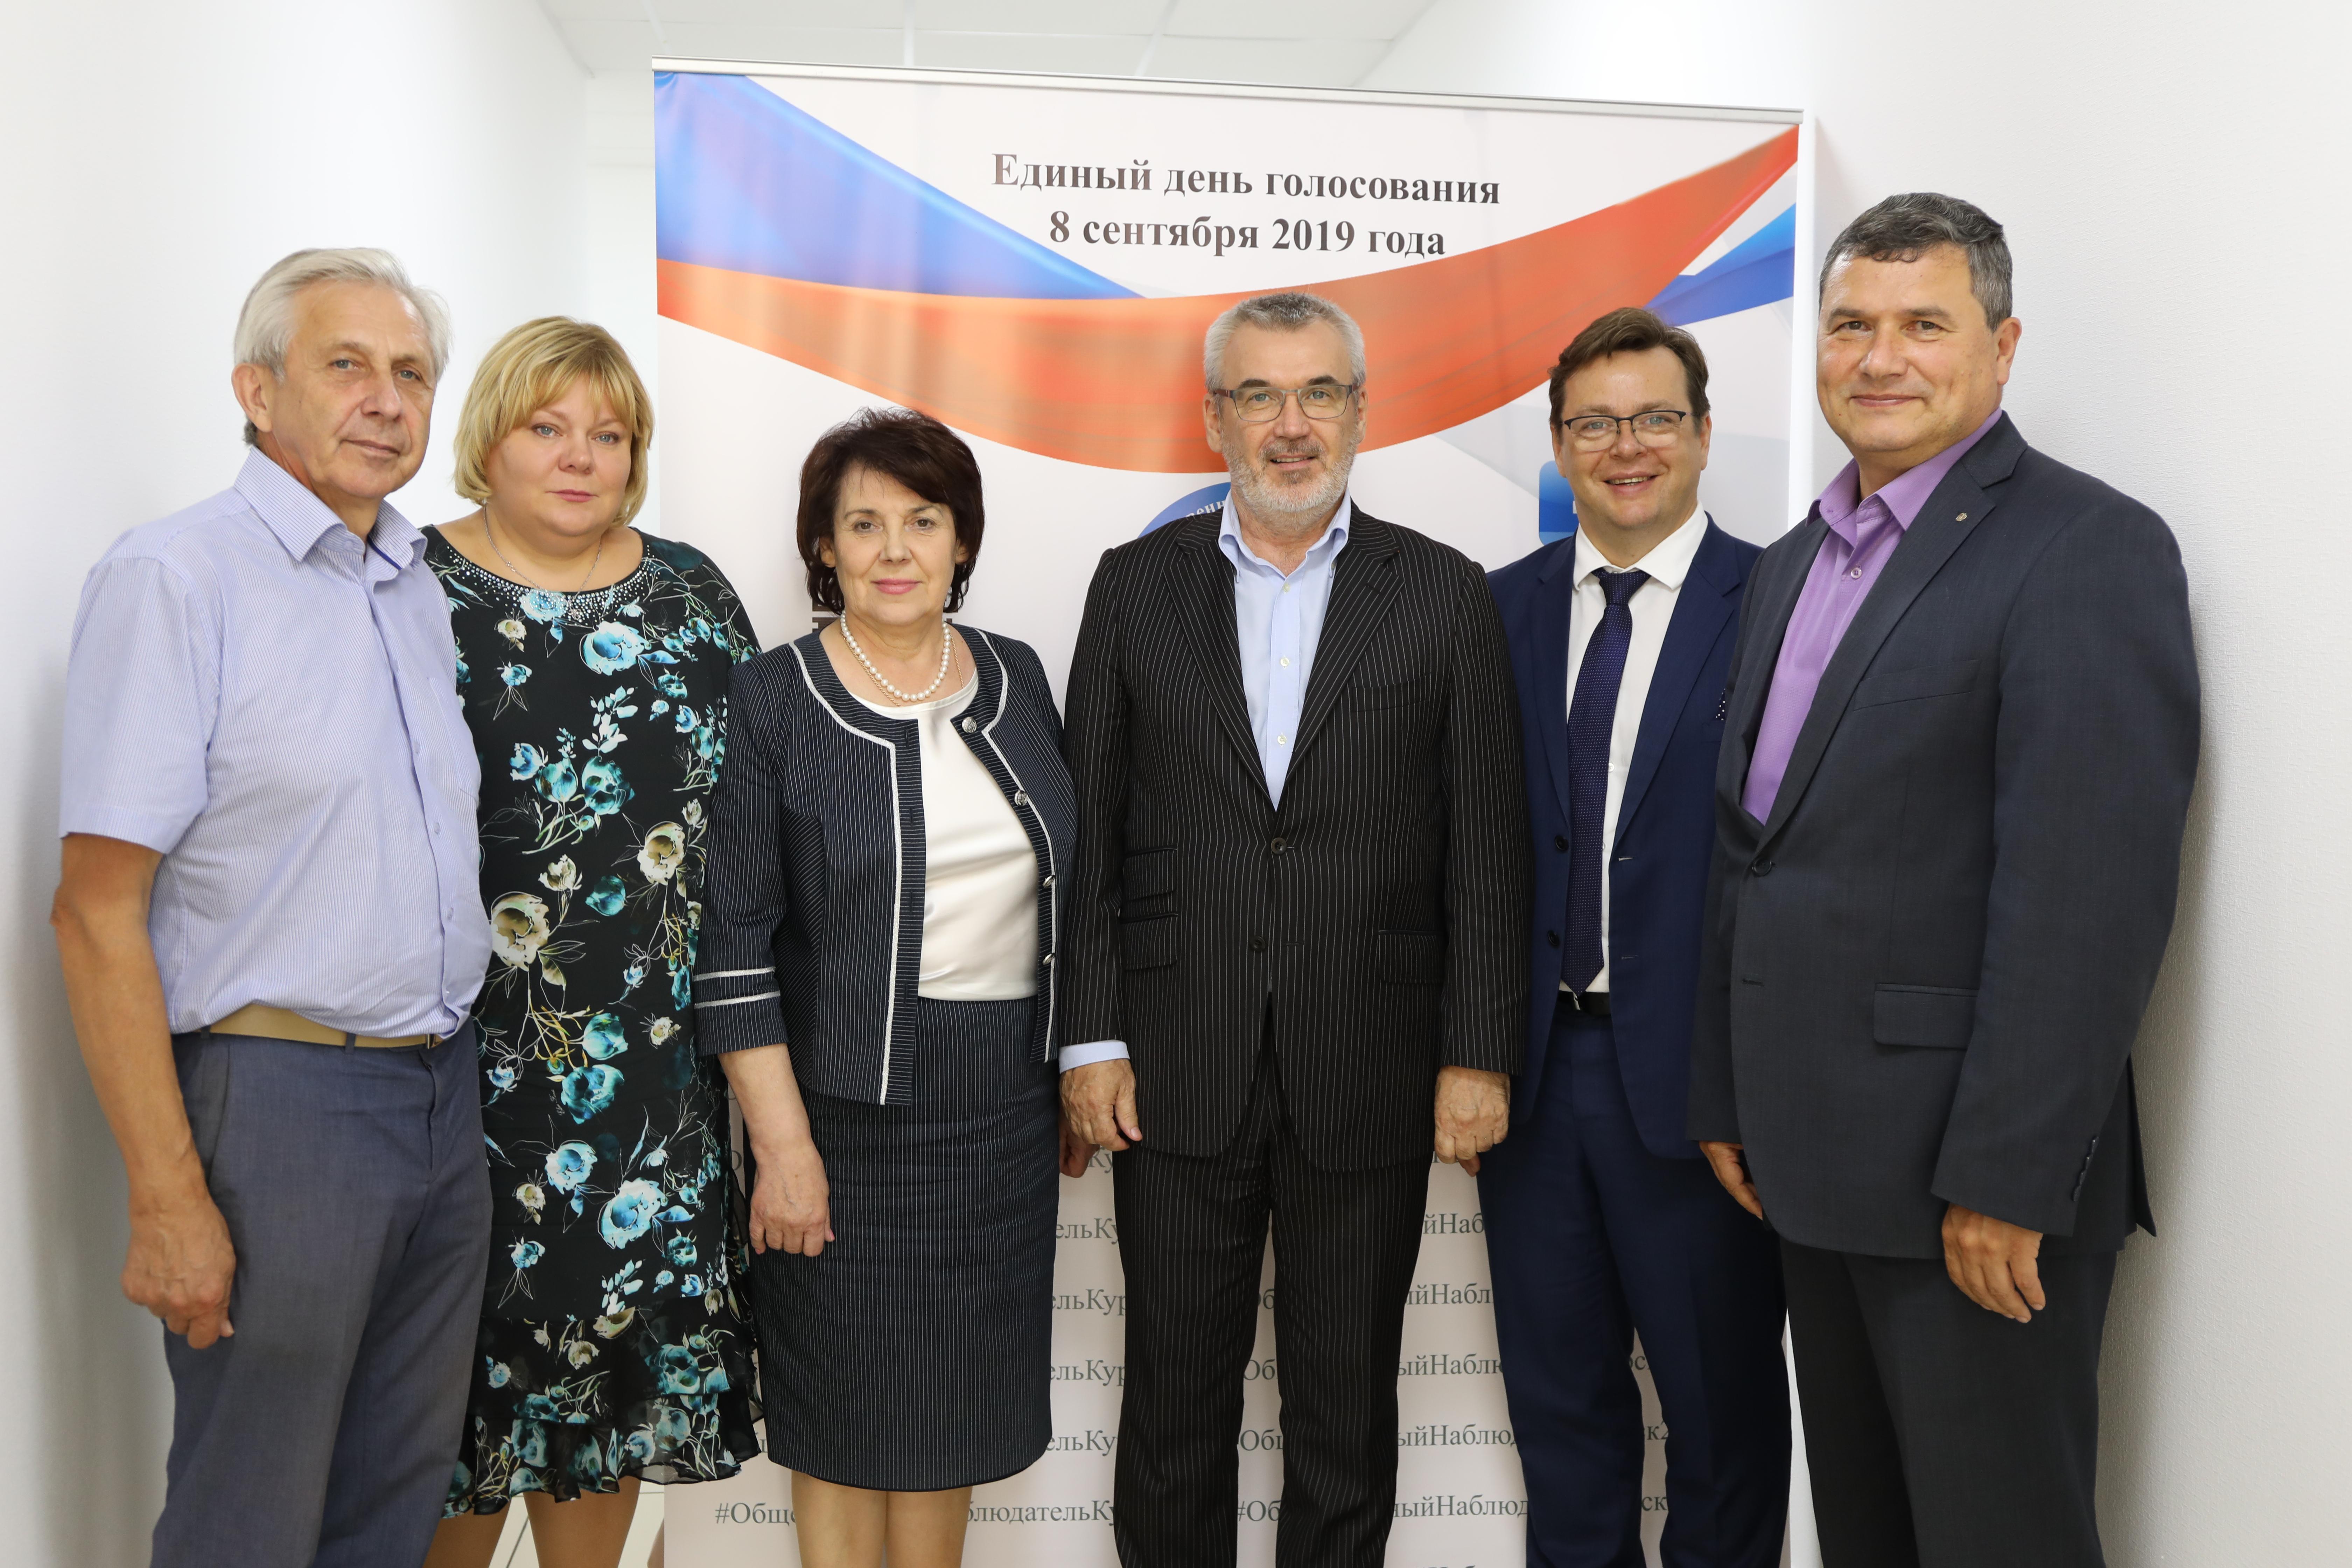 Член ЦИК РФ Александр Клюкин